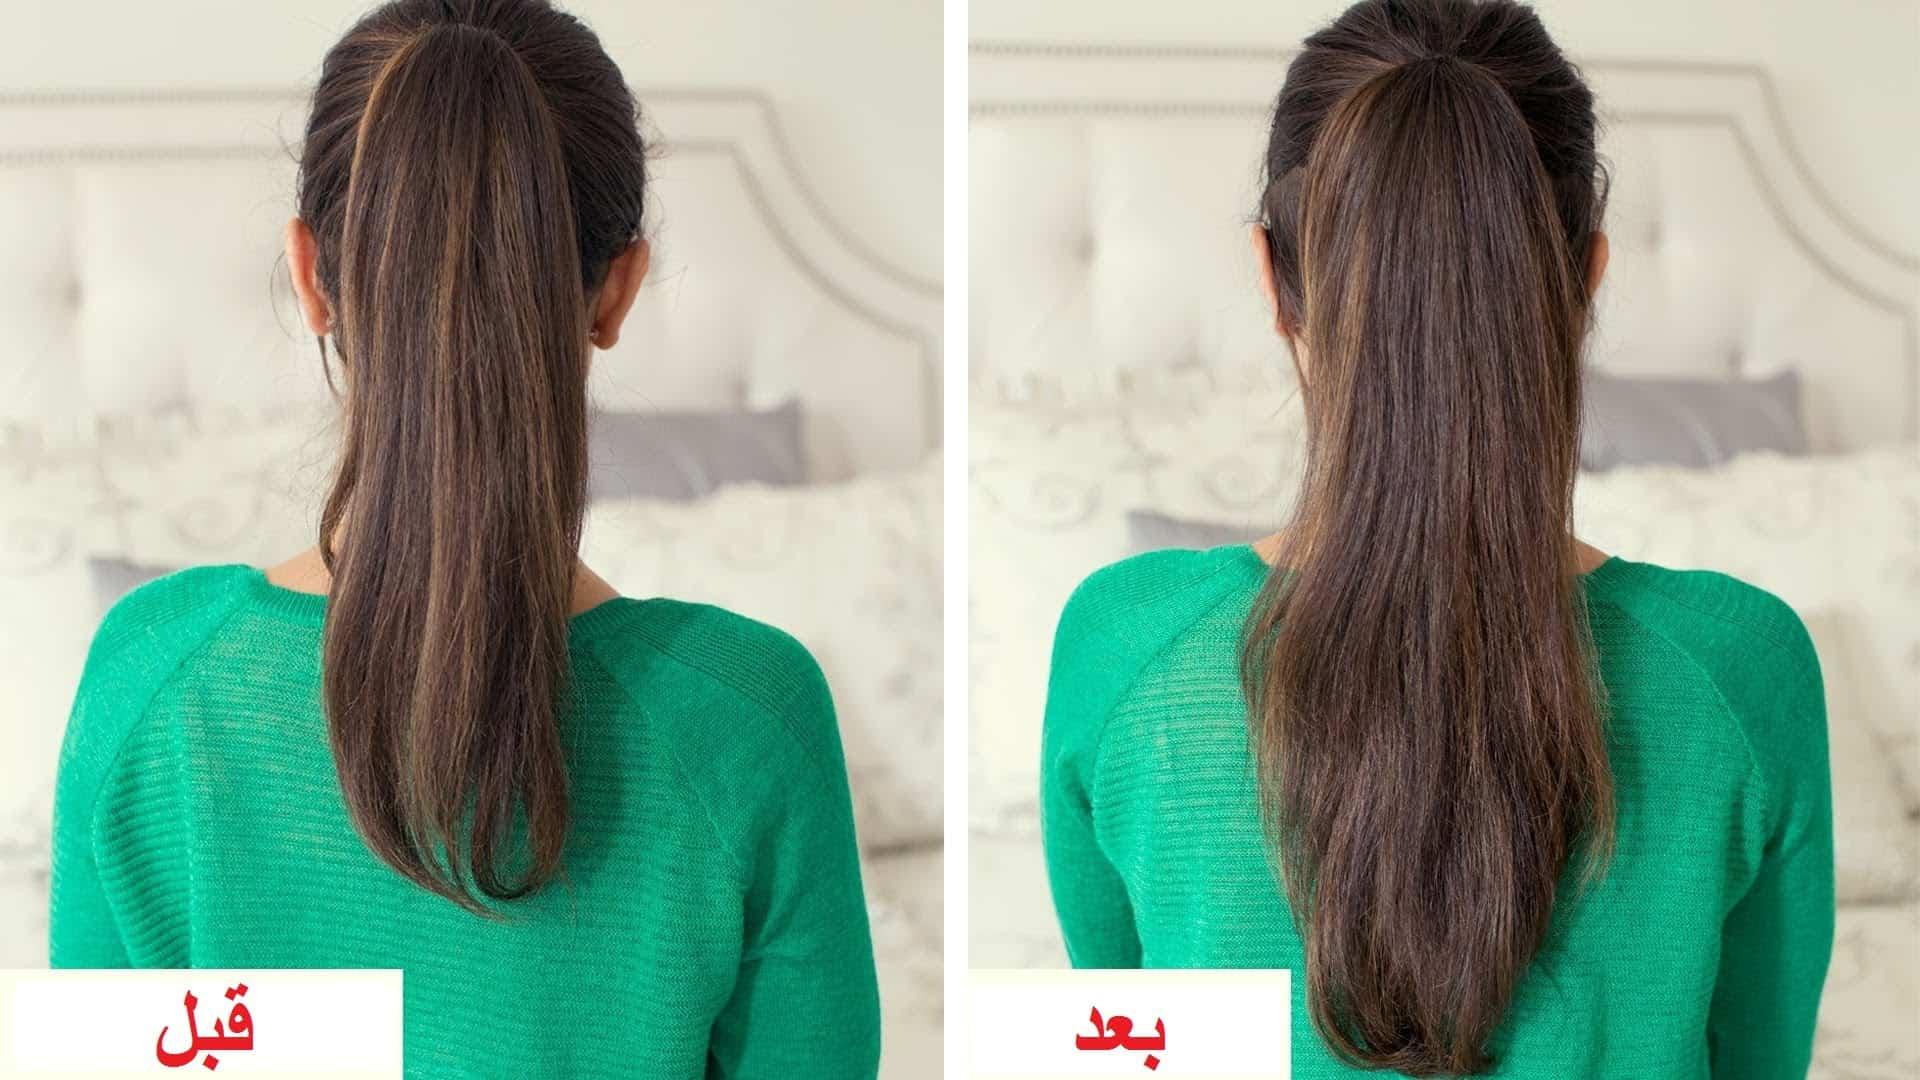 تنعيم الشعر بمكونات طبيعية